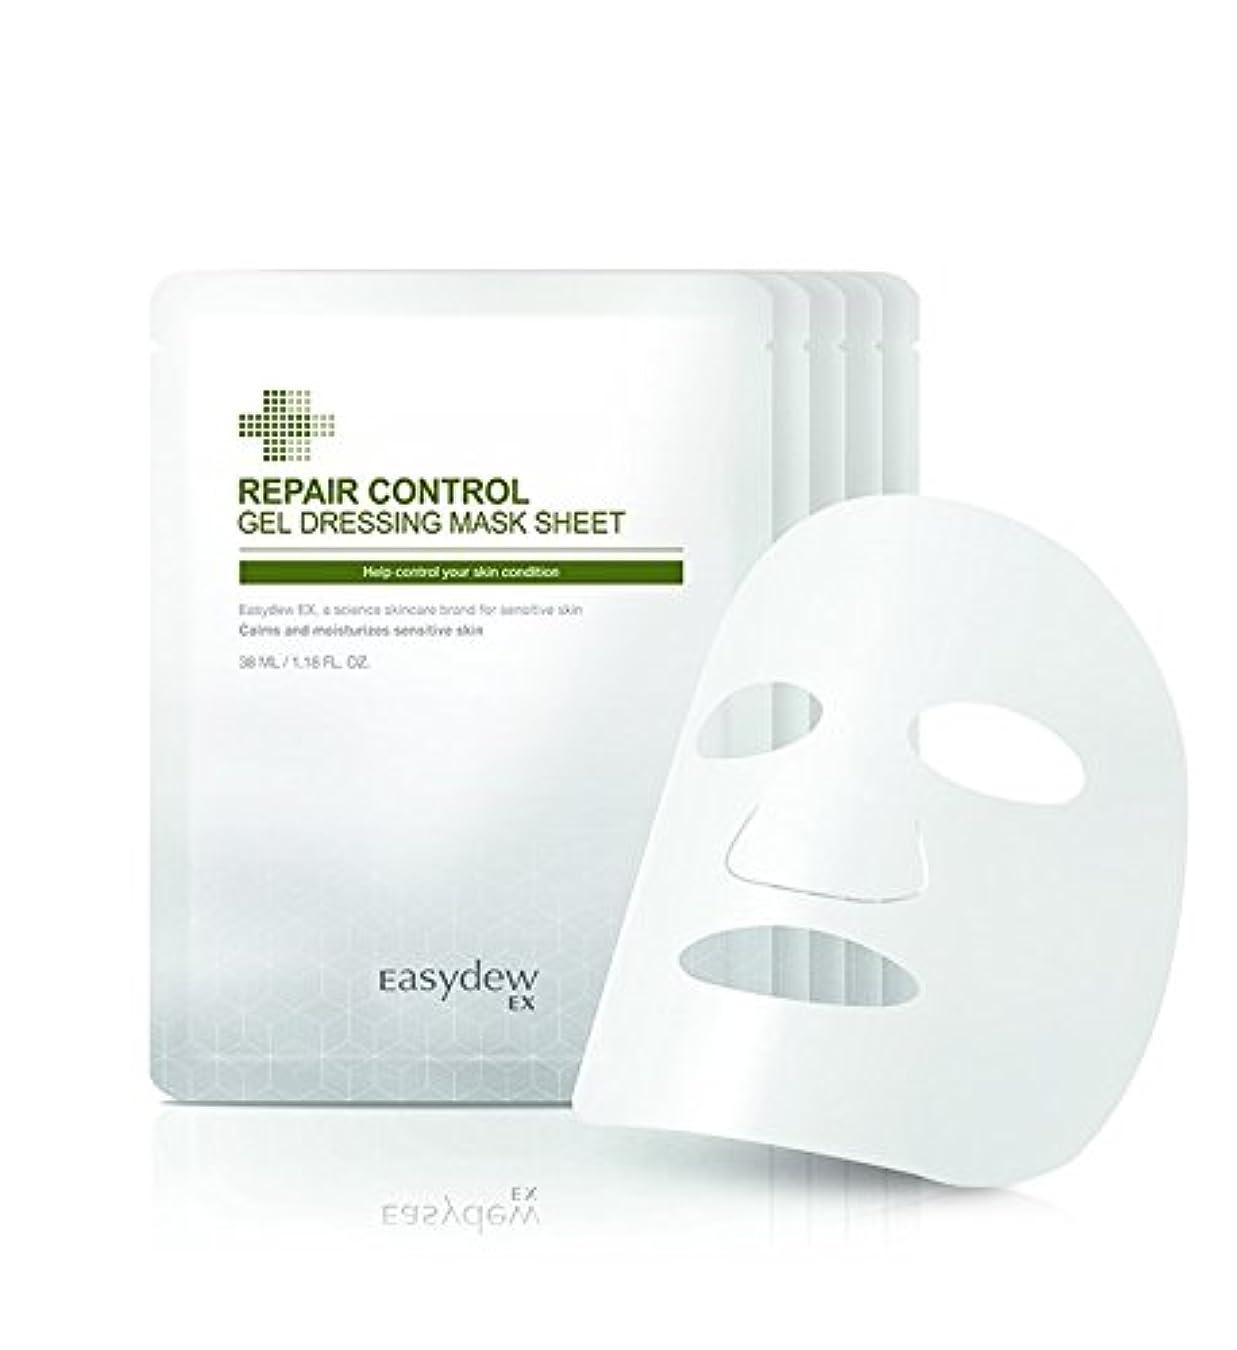 くまトロリー漏れデウン製薬 リペア コントロール ゲルドレッシング マスクシートー38ml X 5枚セット. Repair Control Gel Dressing Mask Sheet 38ml X 5P set.